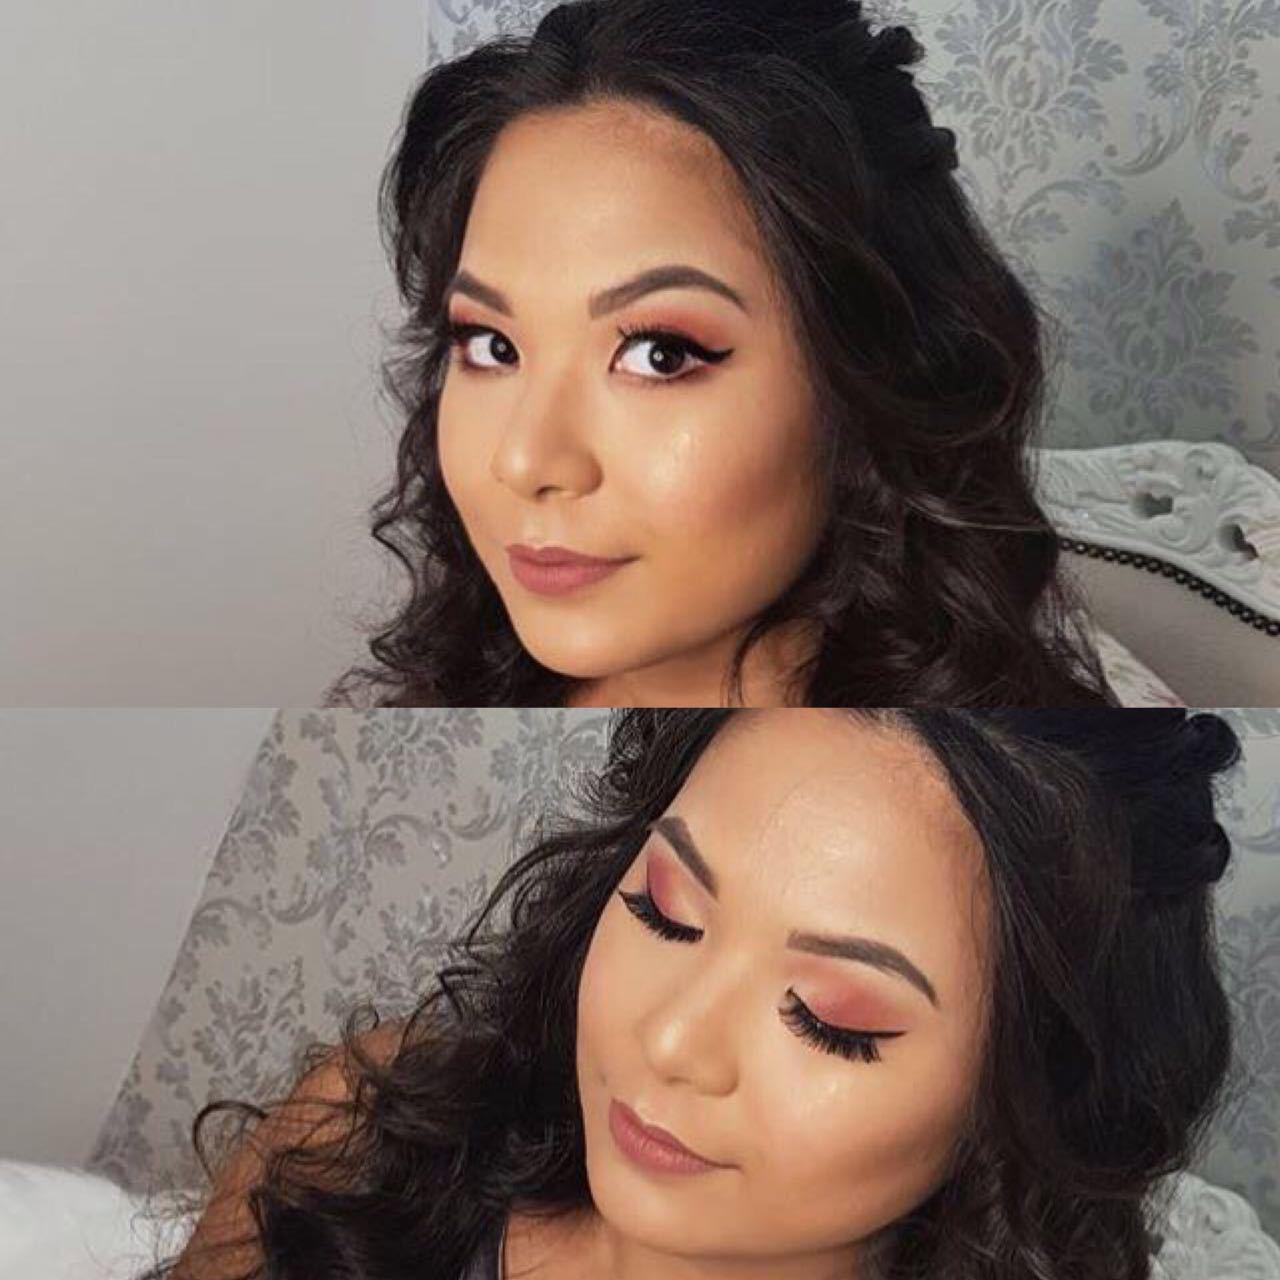 #formatura #formanda #maquiagem #asiatica  maquiagem maquiador(a)